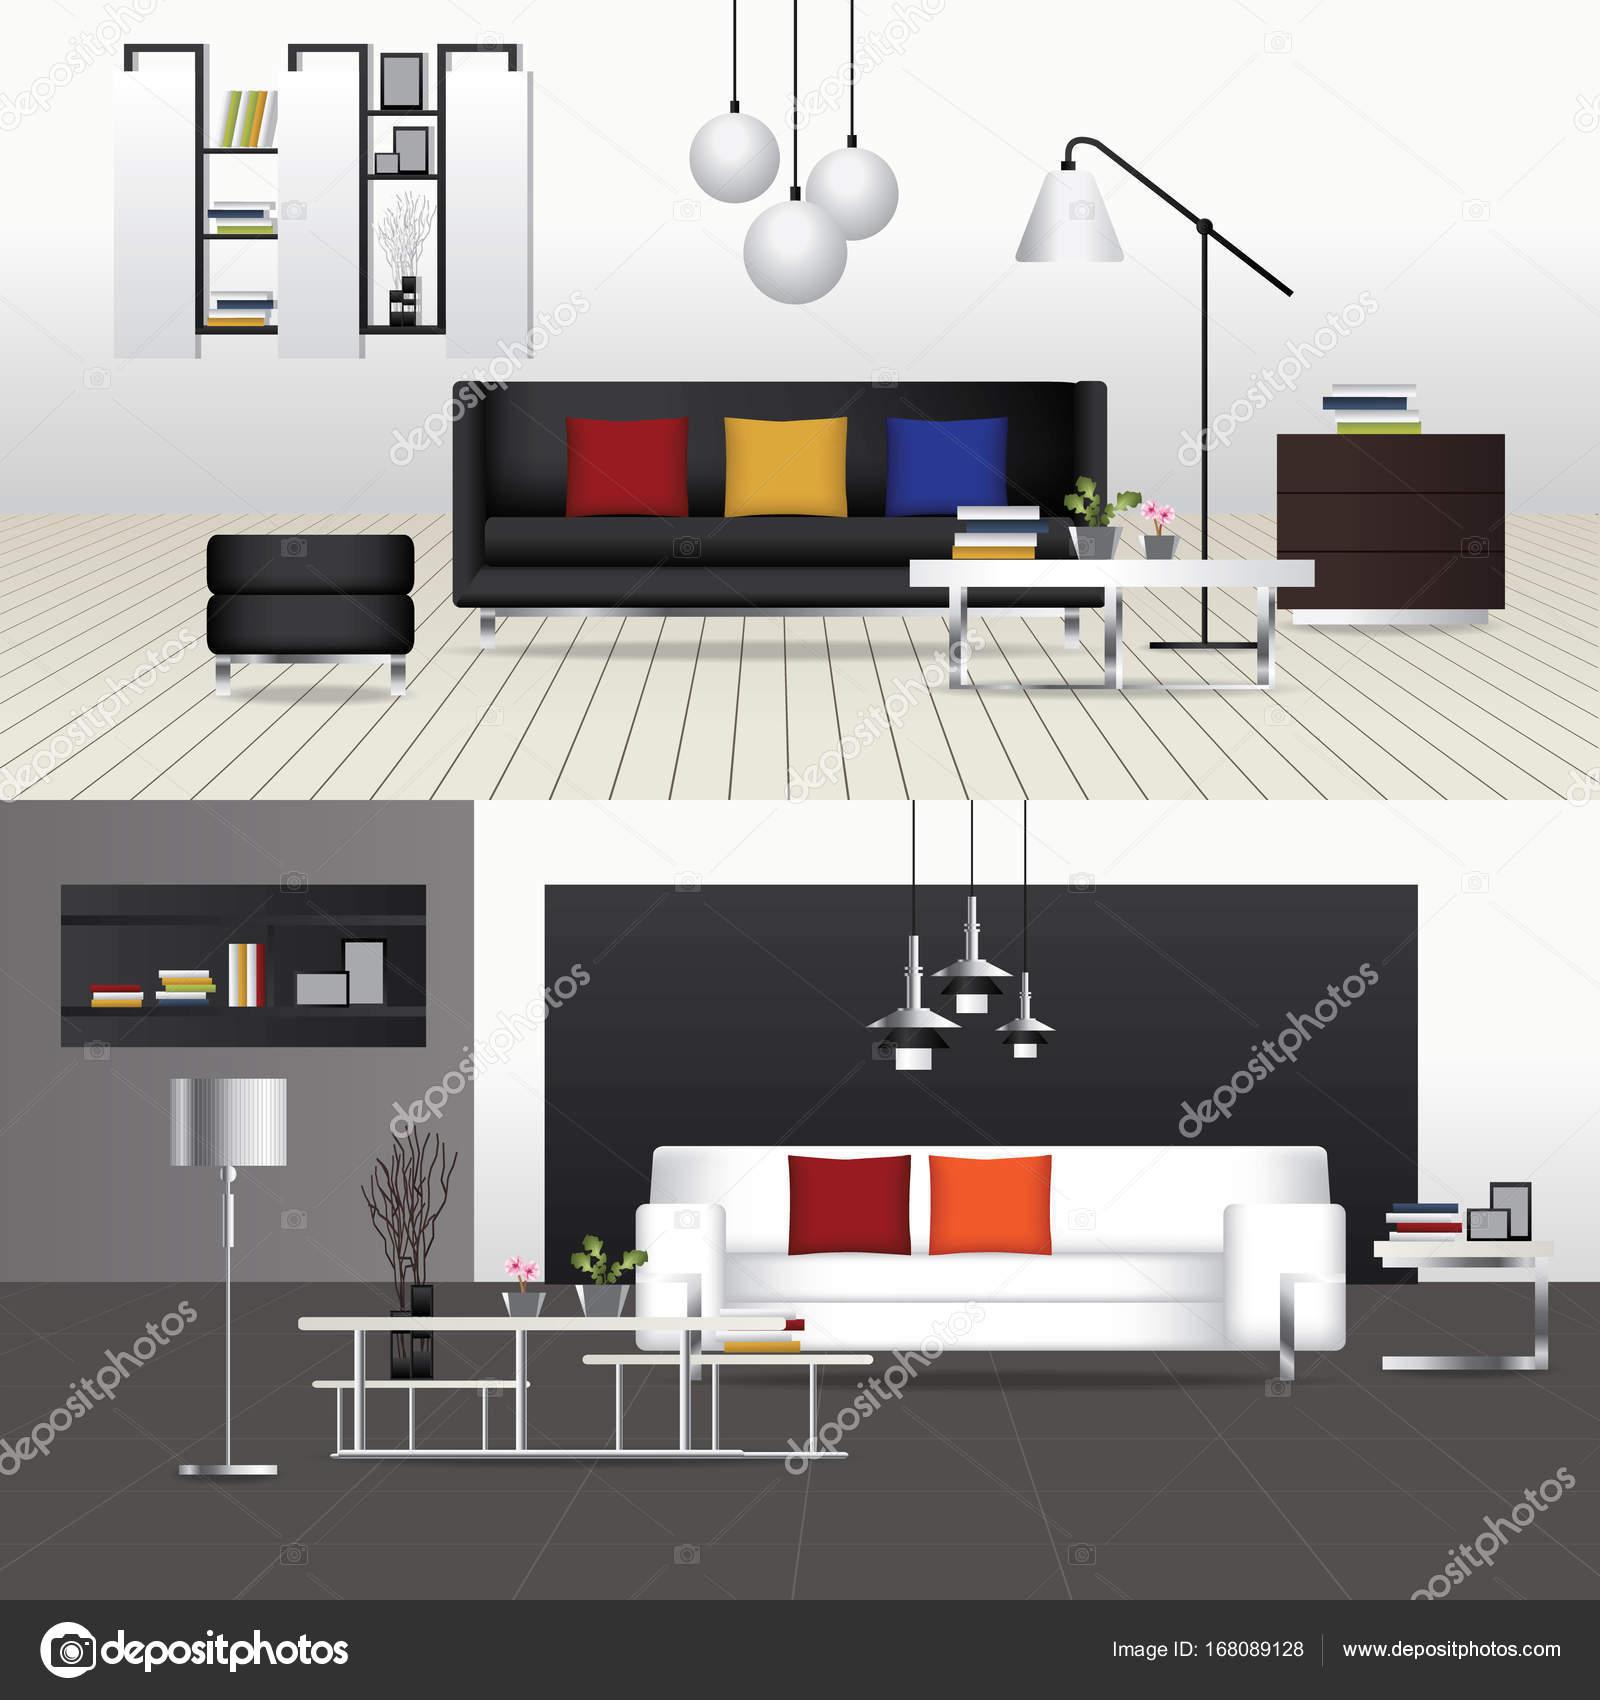 Dise o plano interior sala de estar y mobiliario de Diseno de interiores sala de estar